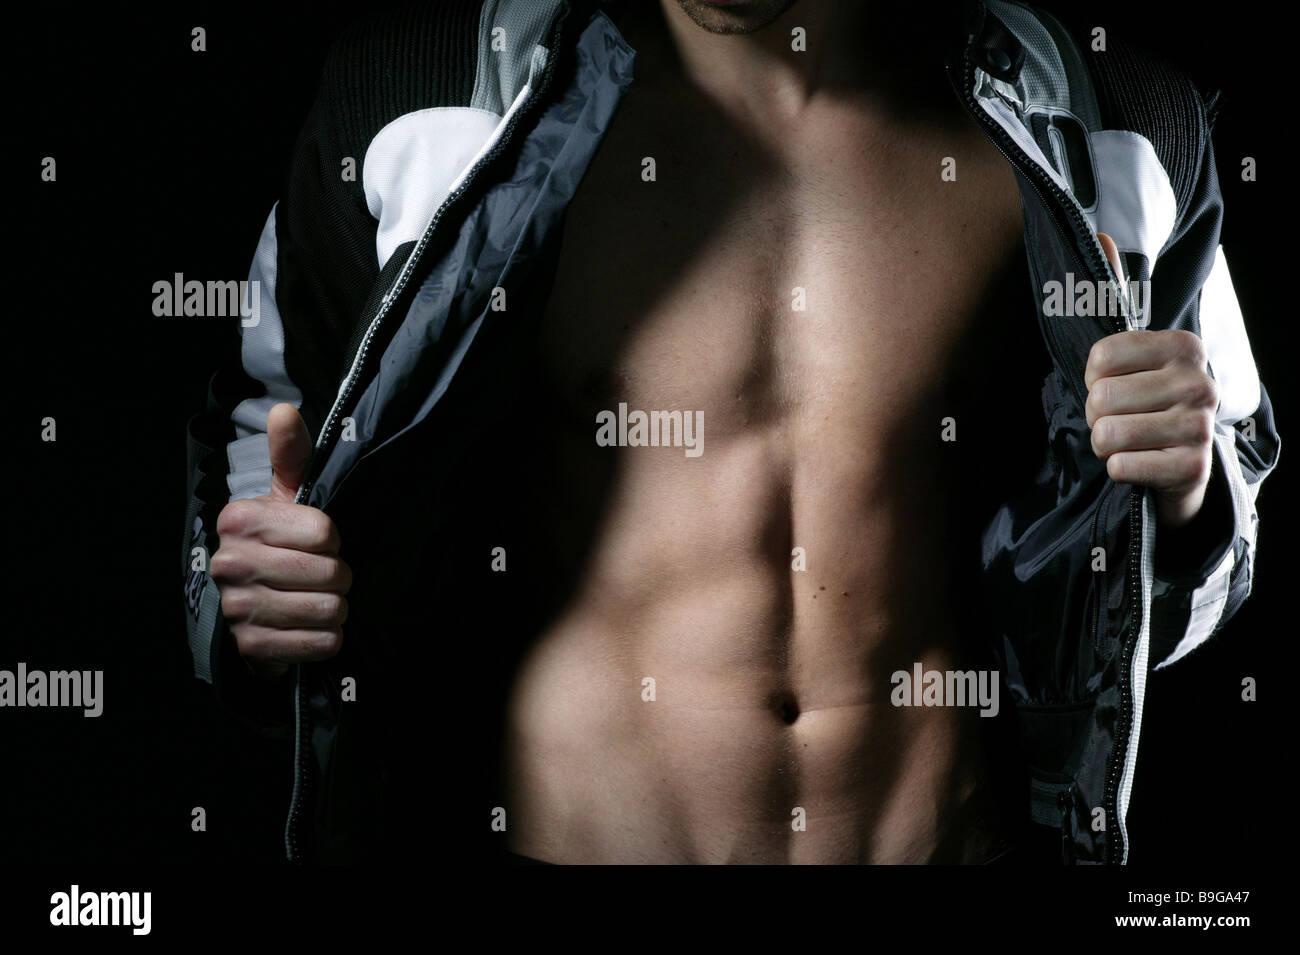 Mann schlank Jacke offen Oberkörper Muskulatur Detail junge steht Motorradjacke eröffnet Körper muskulös Stockbild